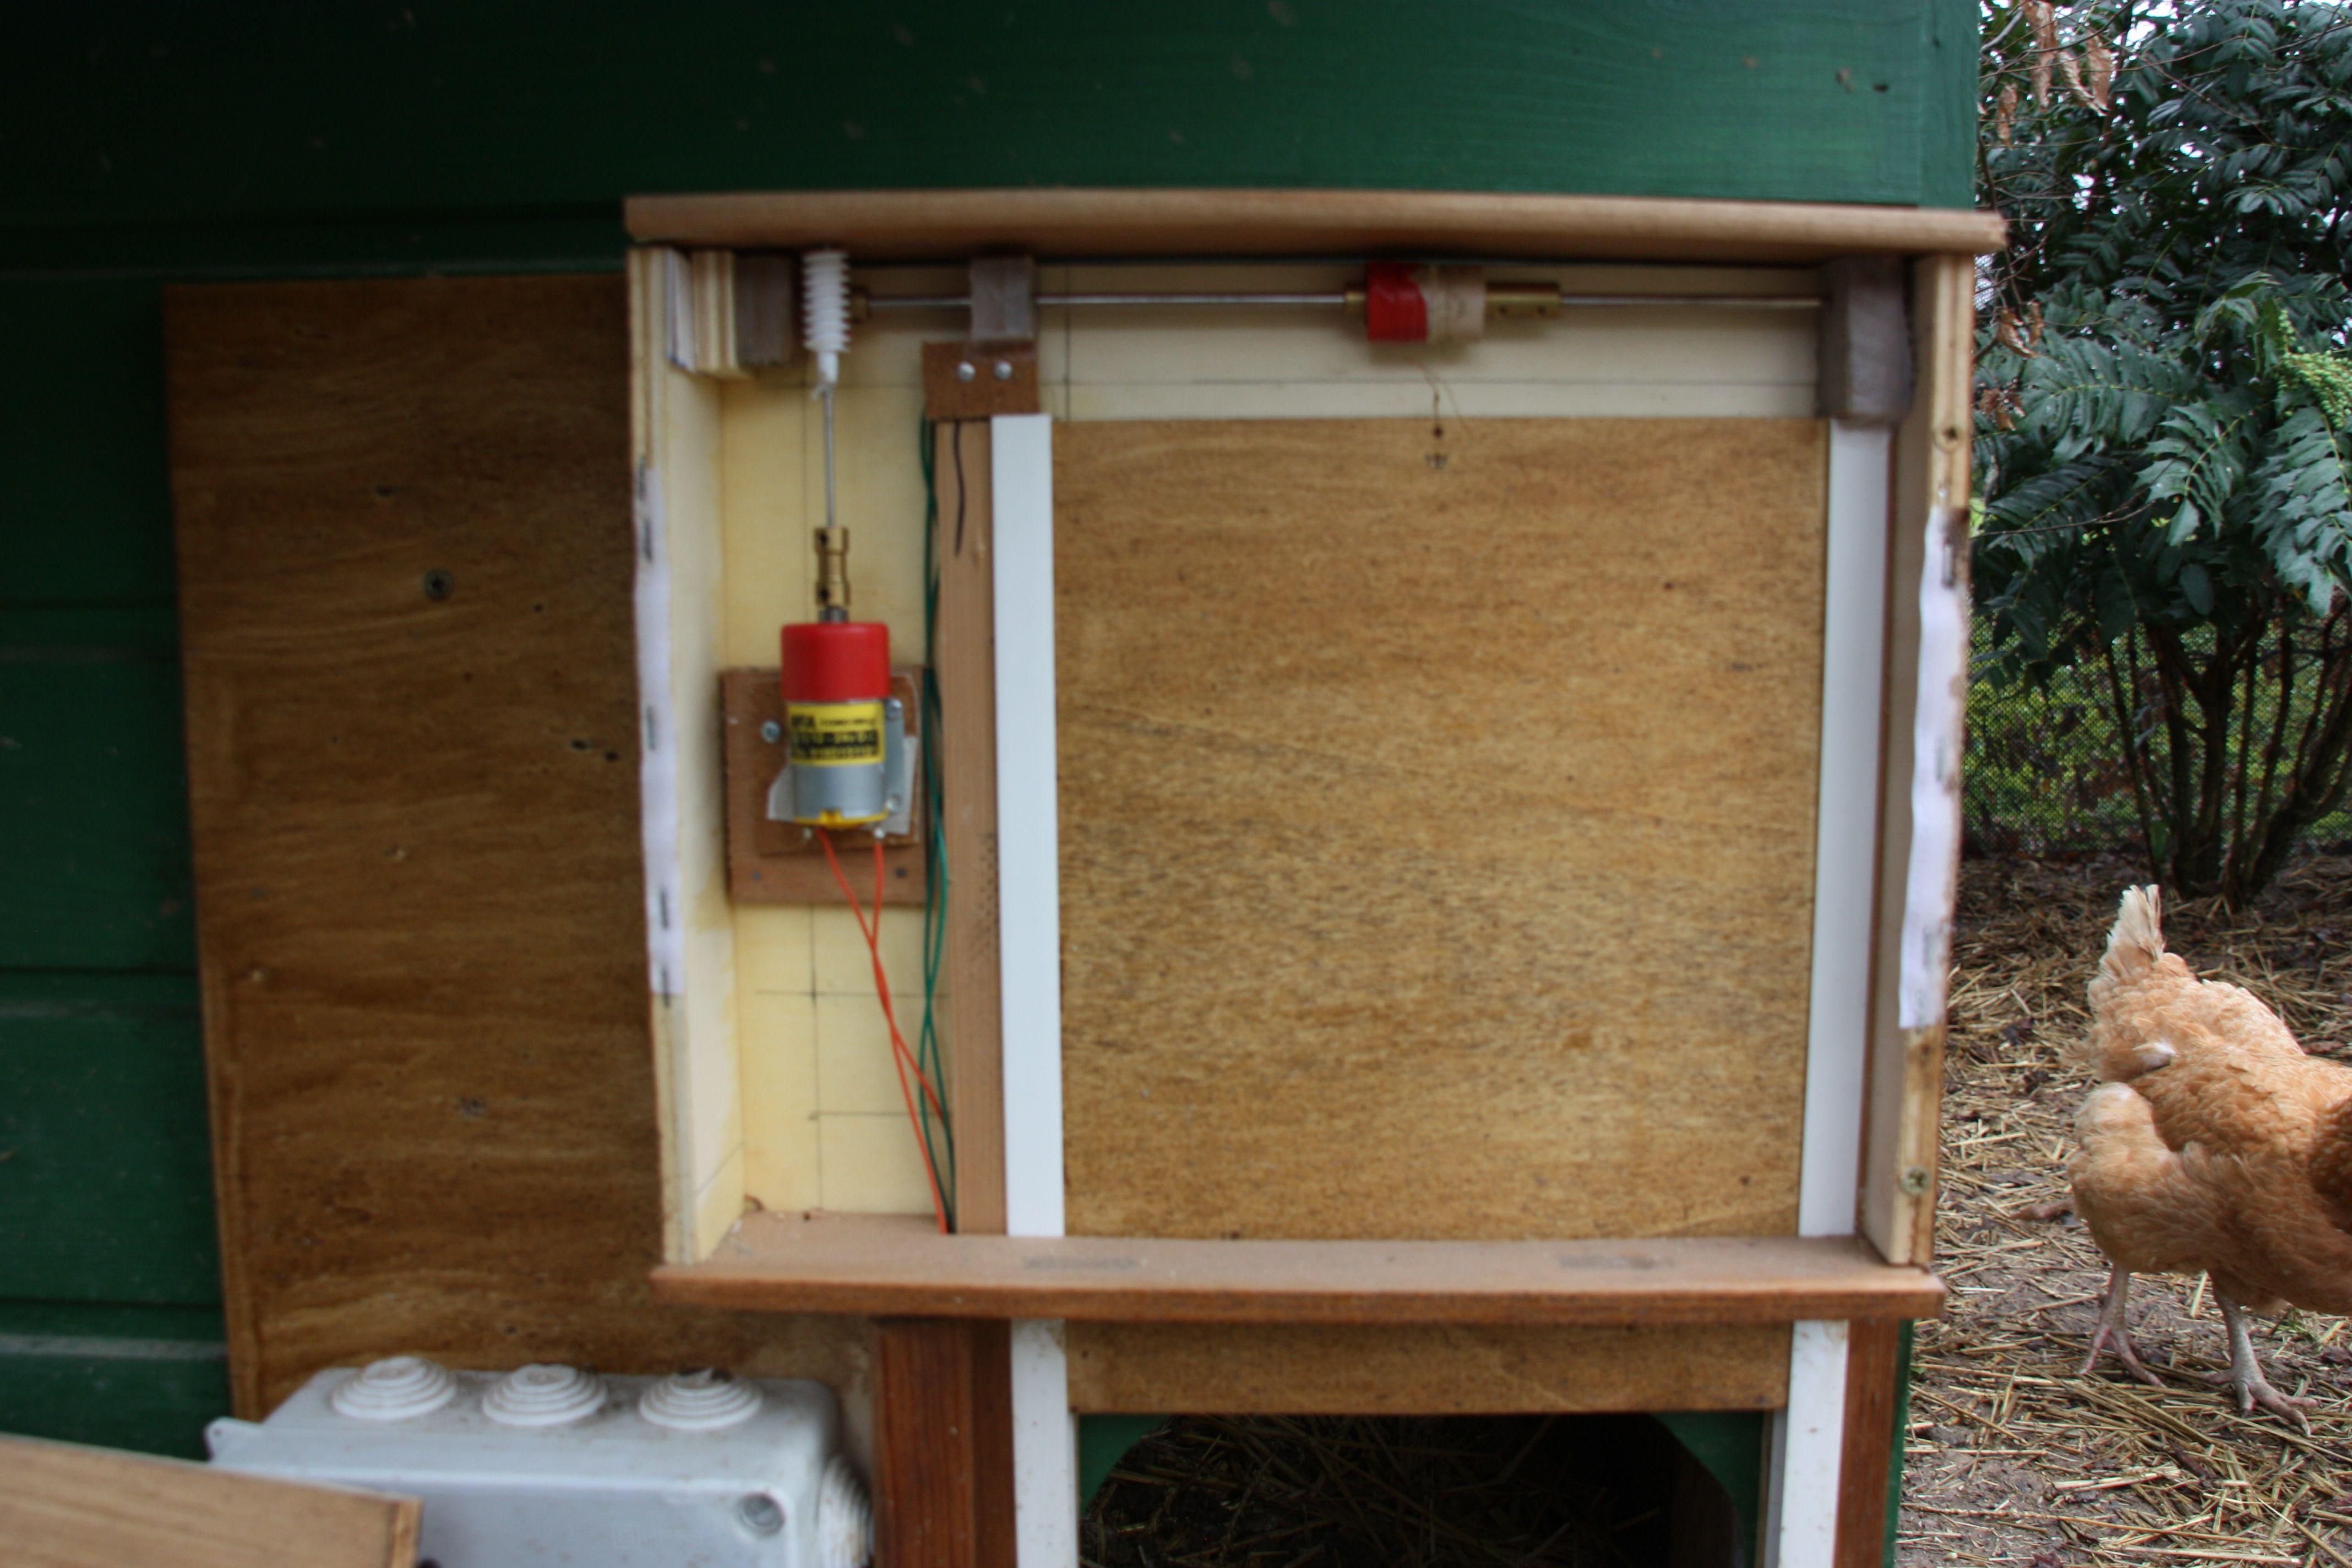 Graceful Fabriquer Une Porte Automatique De Poulailler Good Ideas - Fabriquer porte poulailler automatique